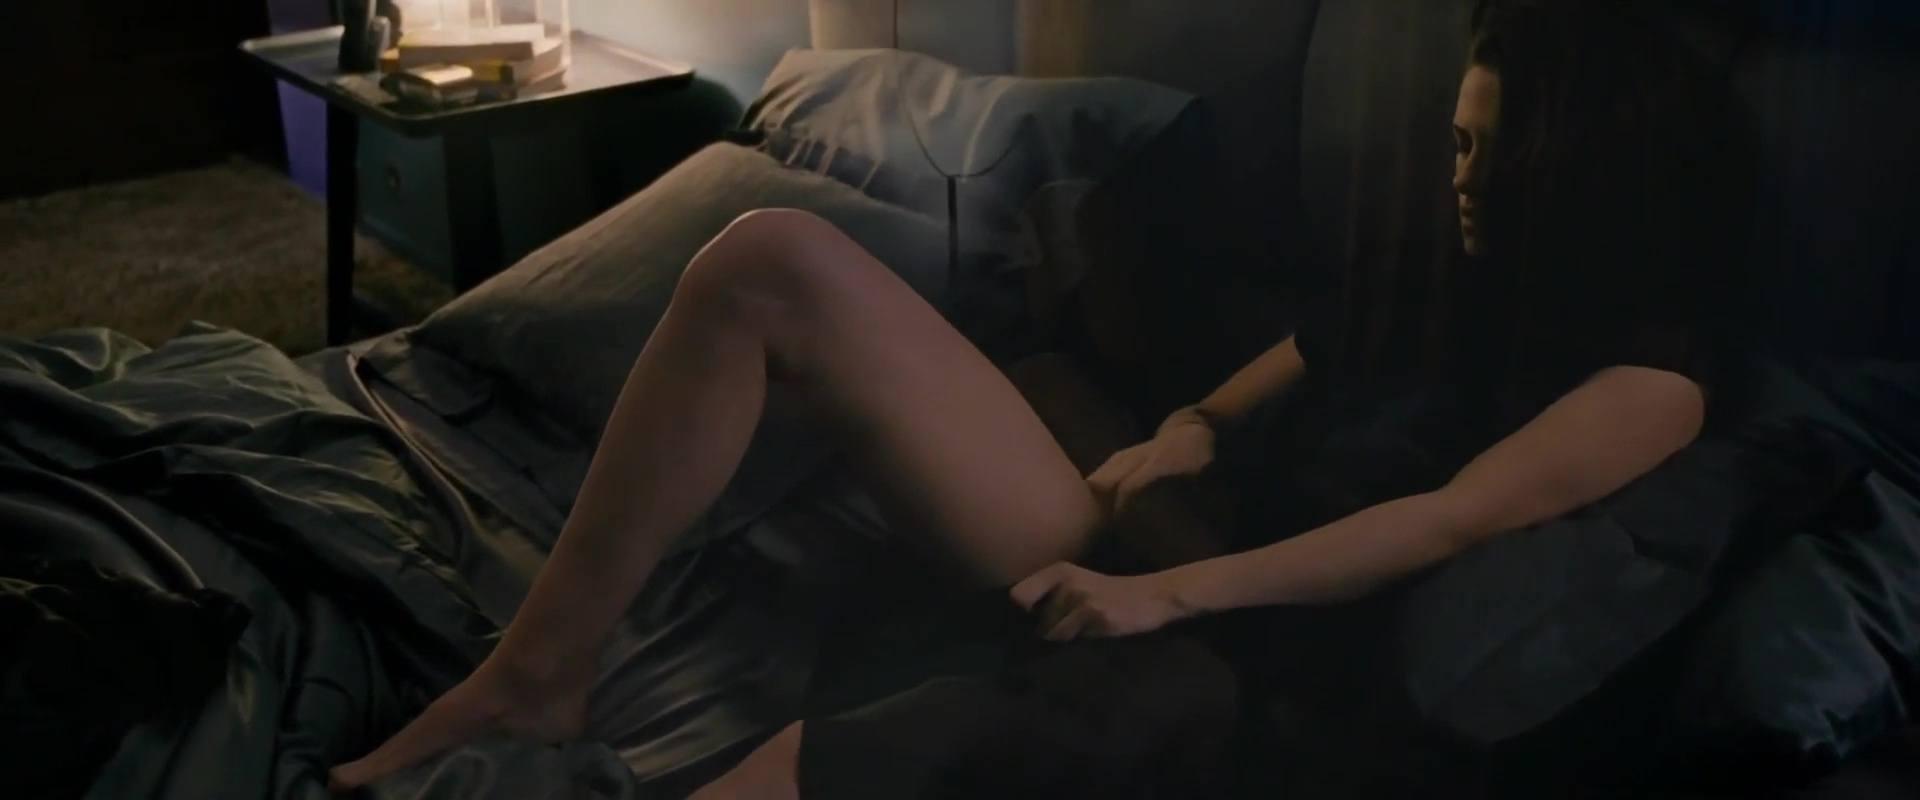 Kristen stewart nude scene personal shopper